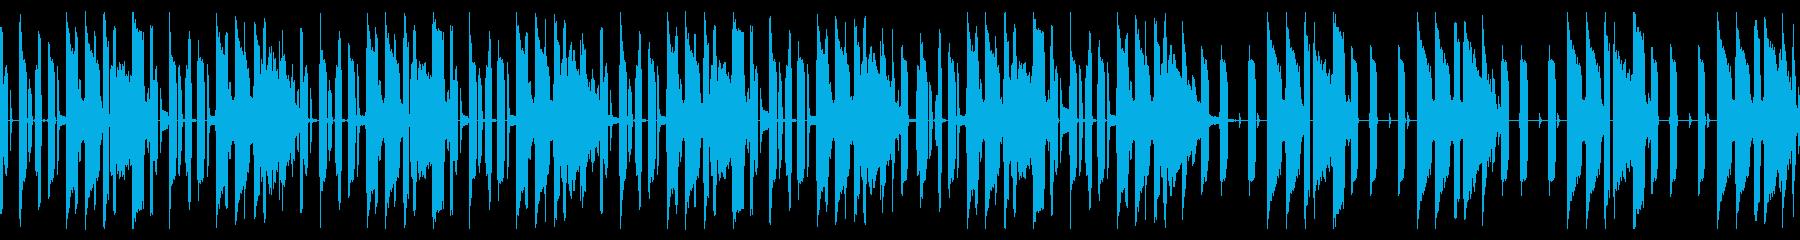 軽快なキレイめヒップホップBGMの再生済みの波形